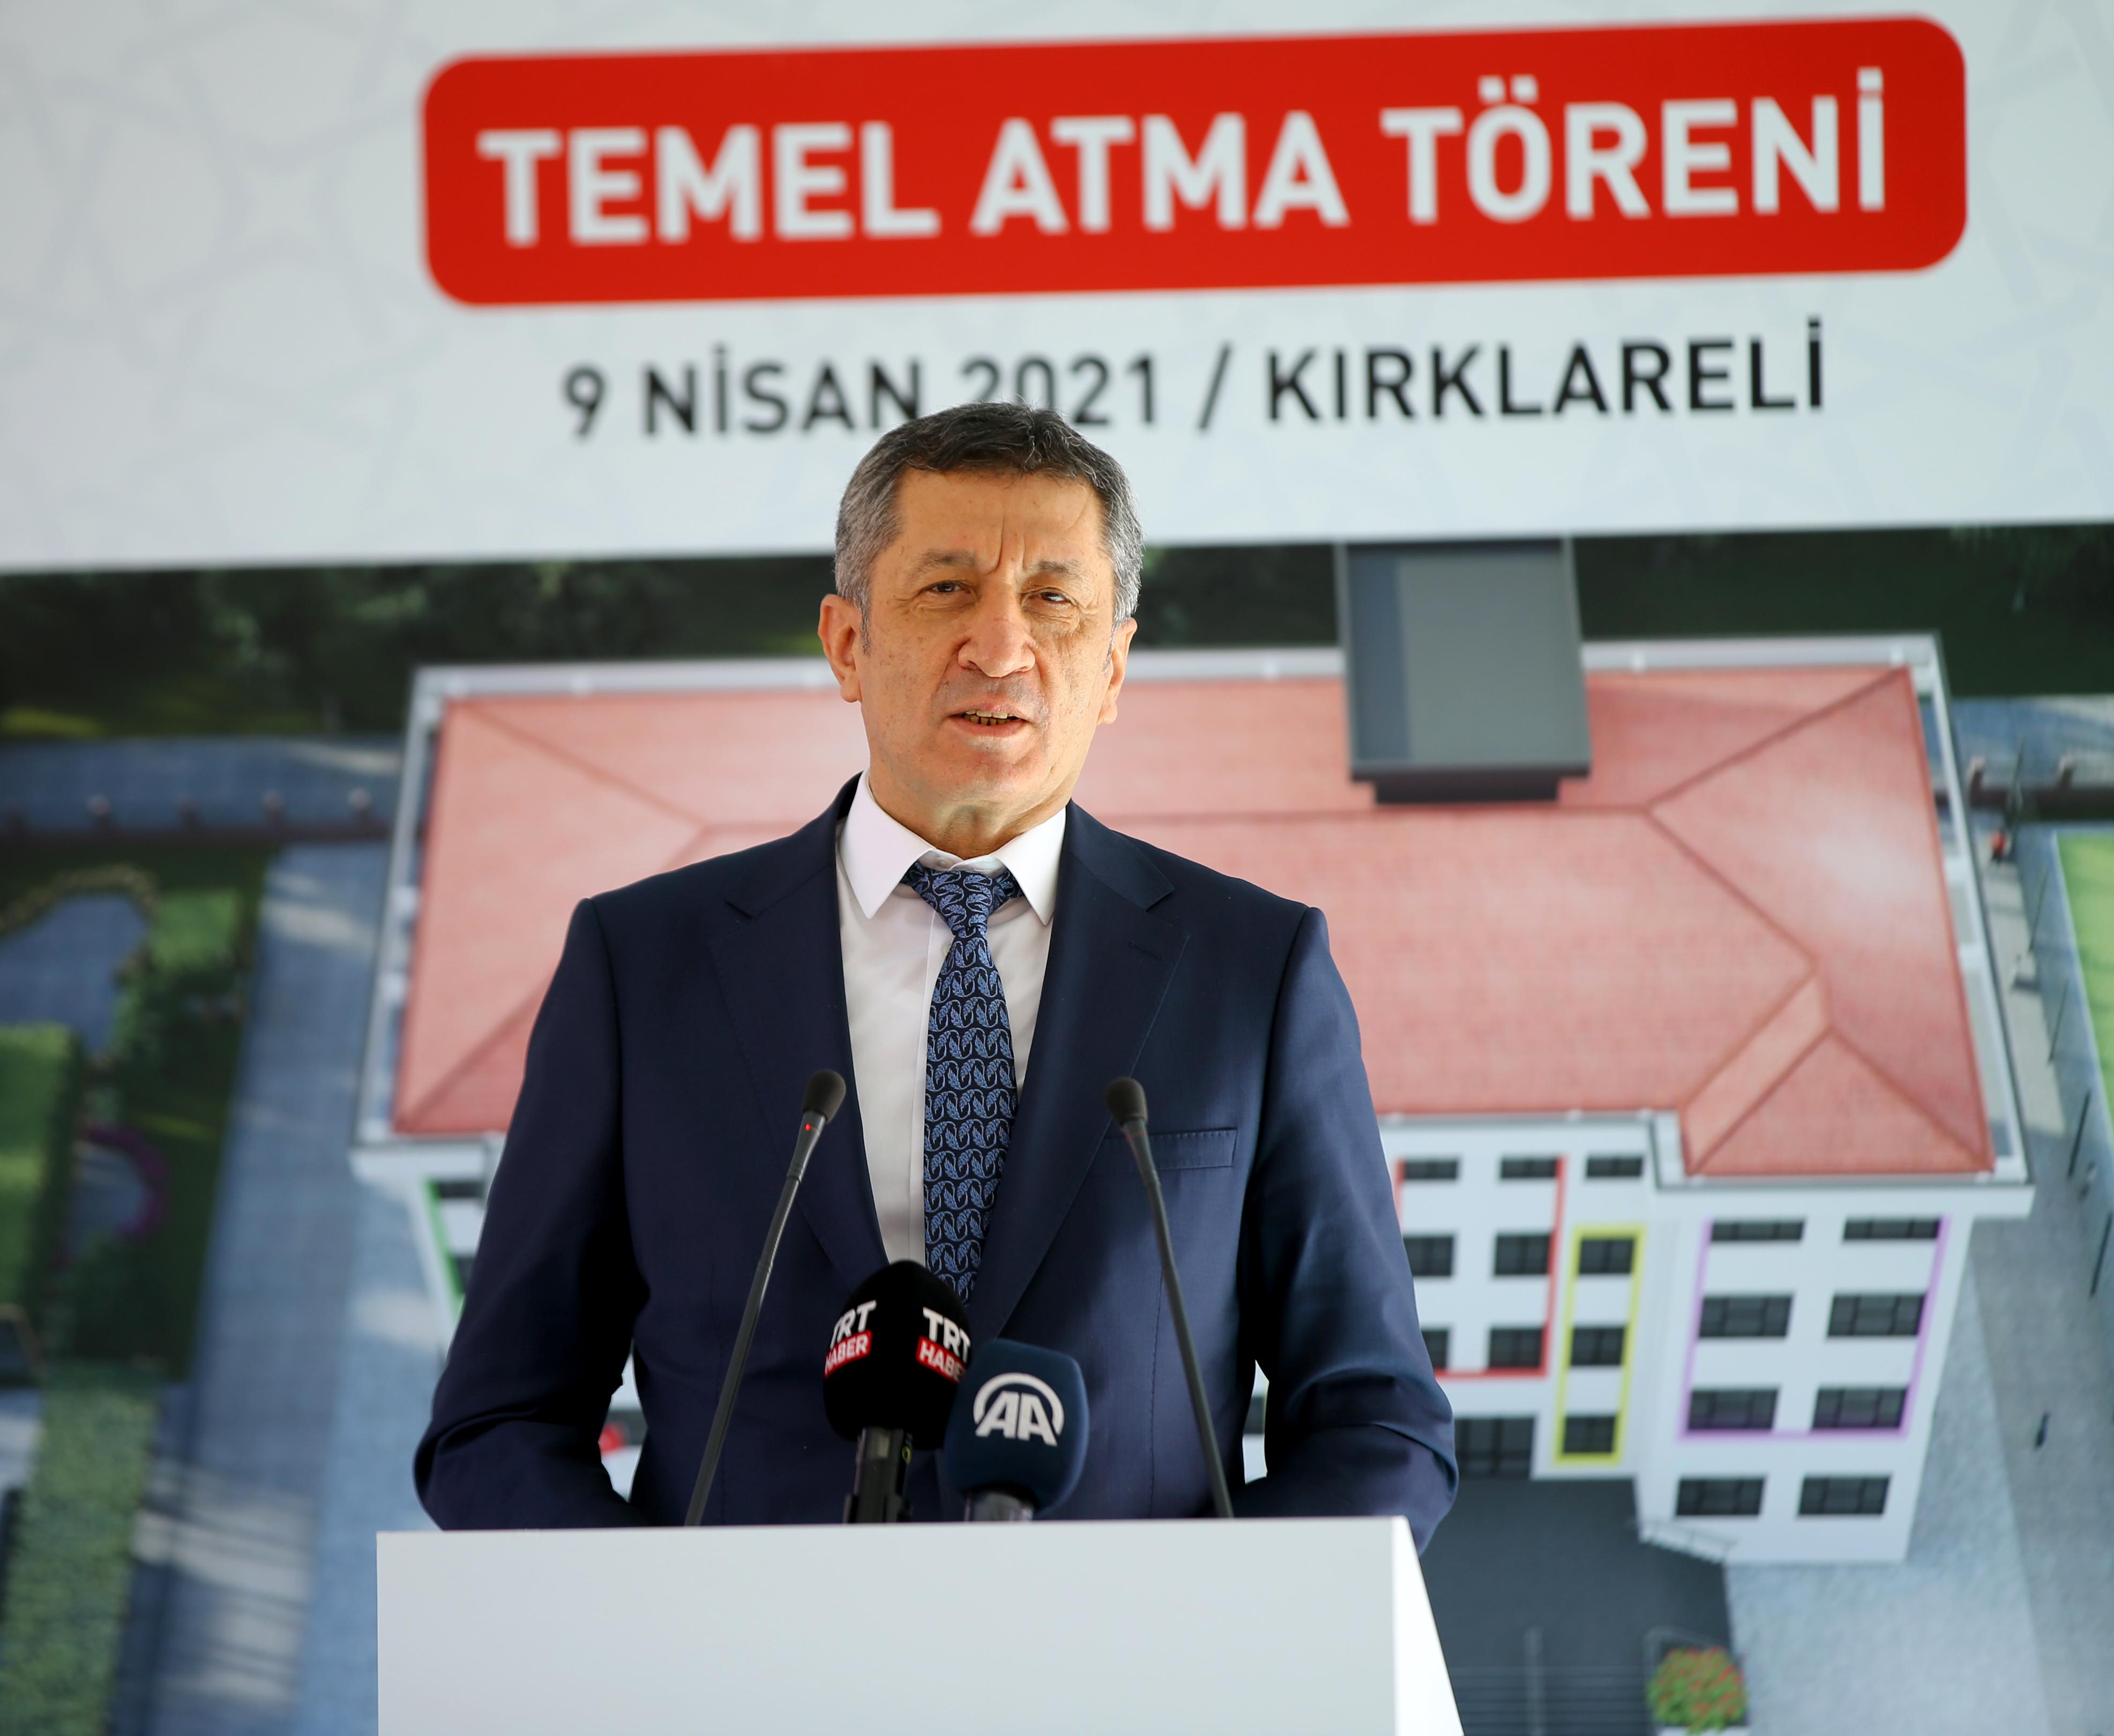 Milli Eğitim Bakanı Ziya Selçuk, o öğrencileri yere göğe sığdıramadı: Dünyada örneği yok!